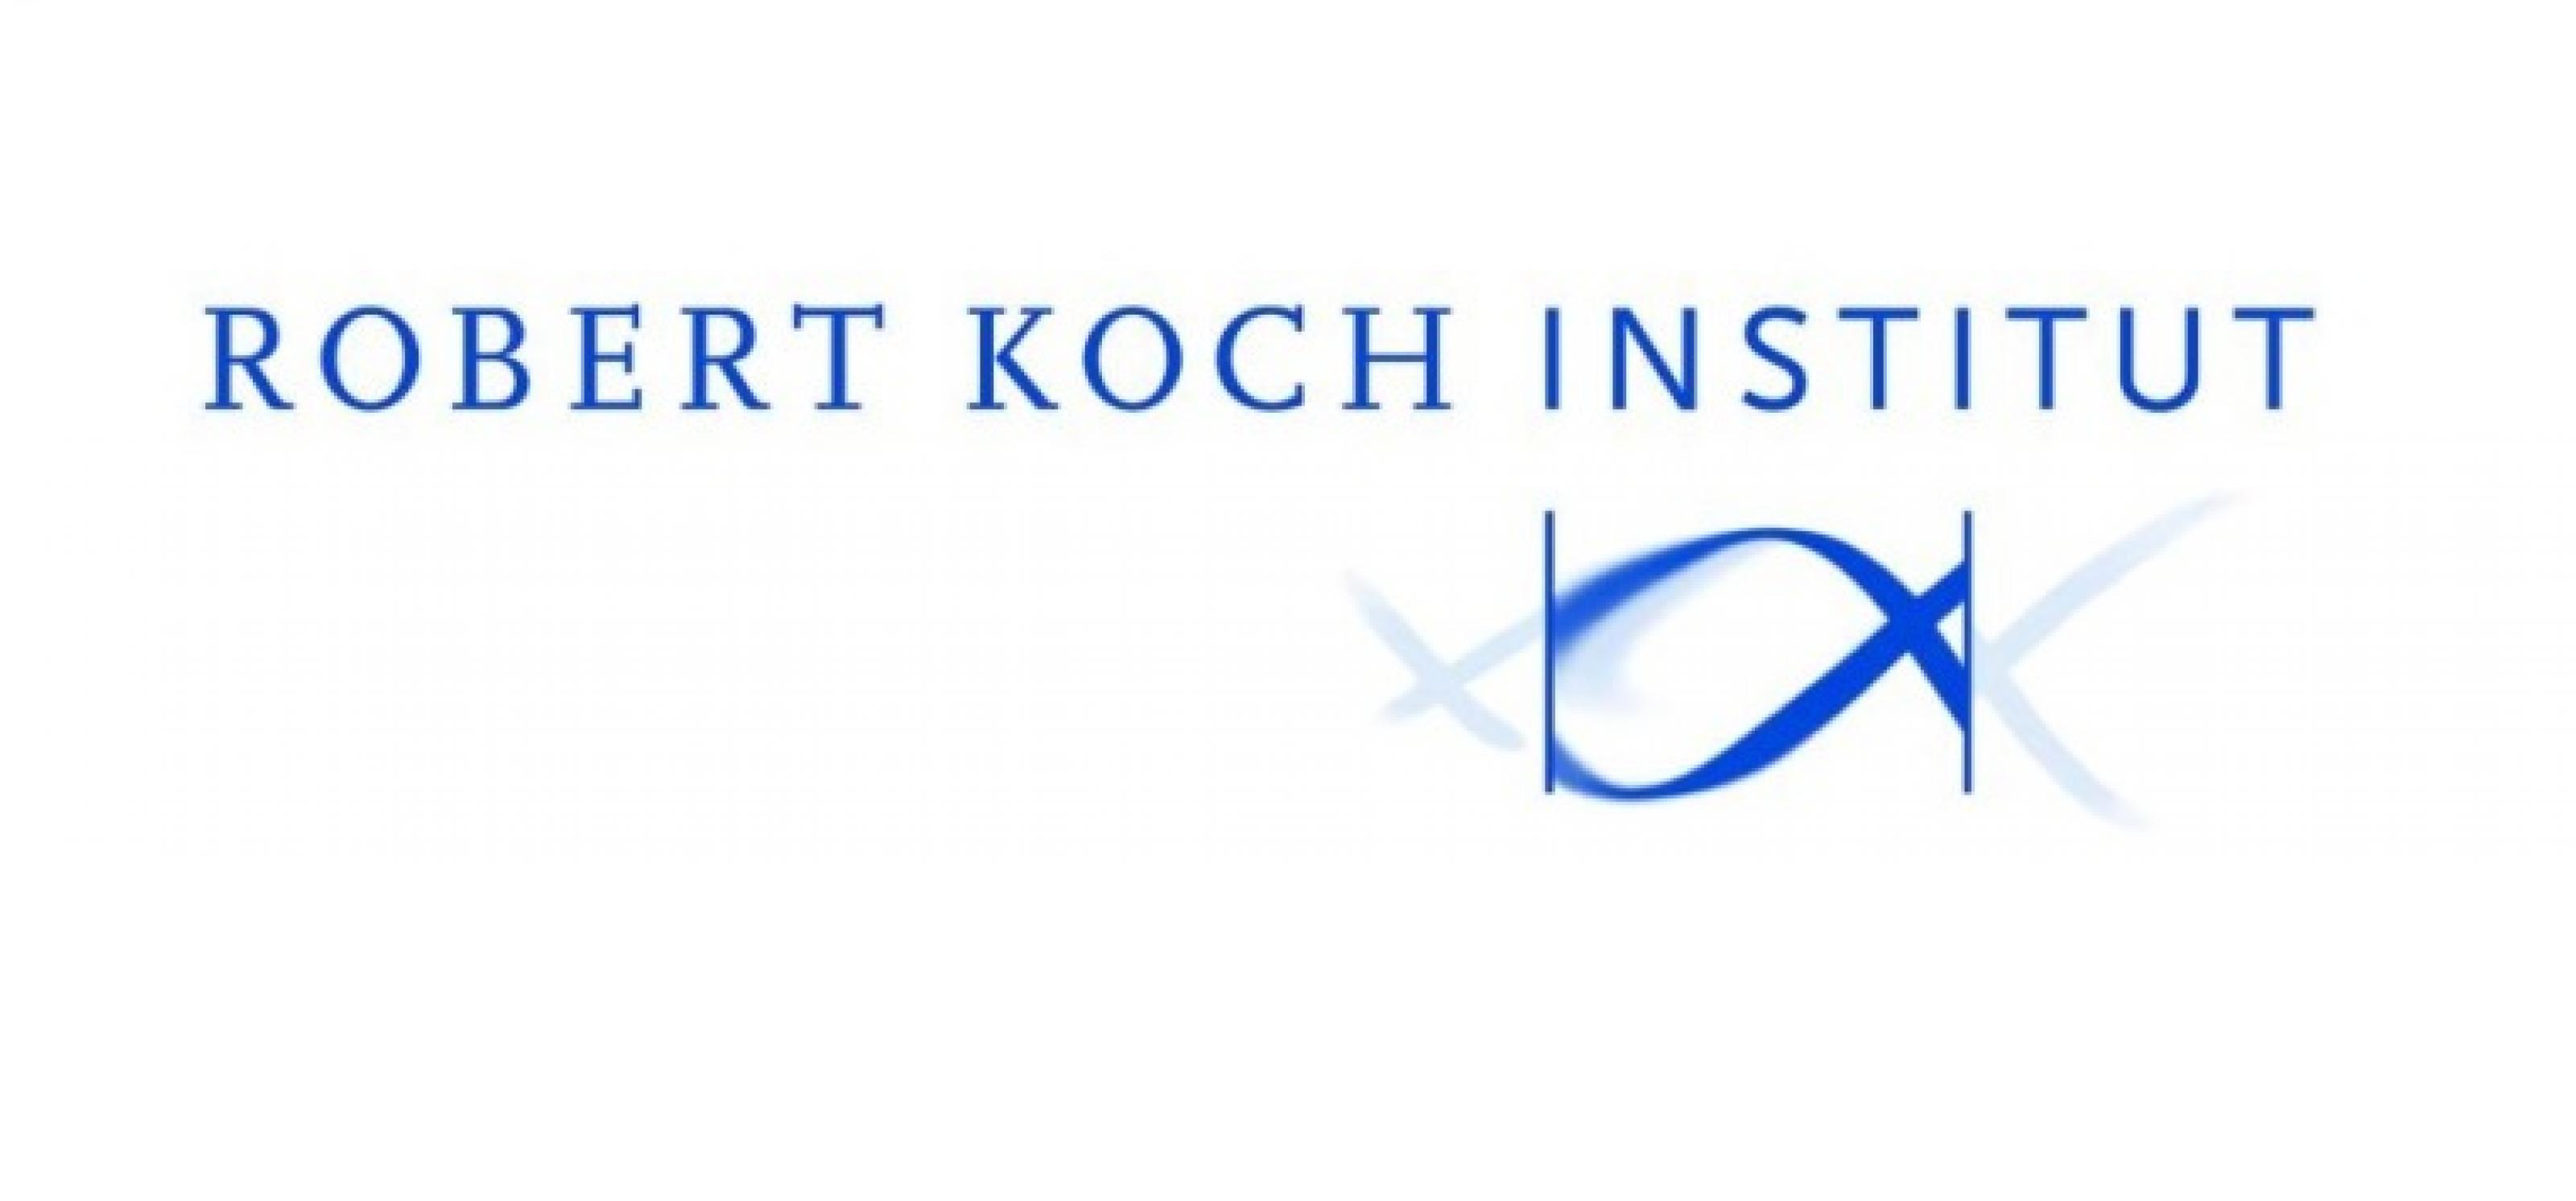 Robert Koch Institut Verzeichnet Erneut Mehr Hiv